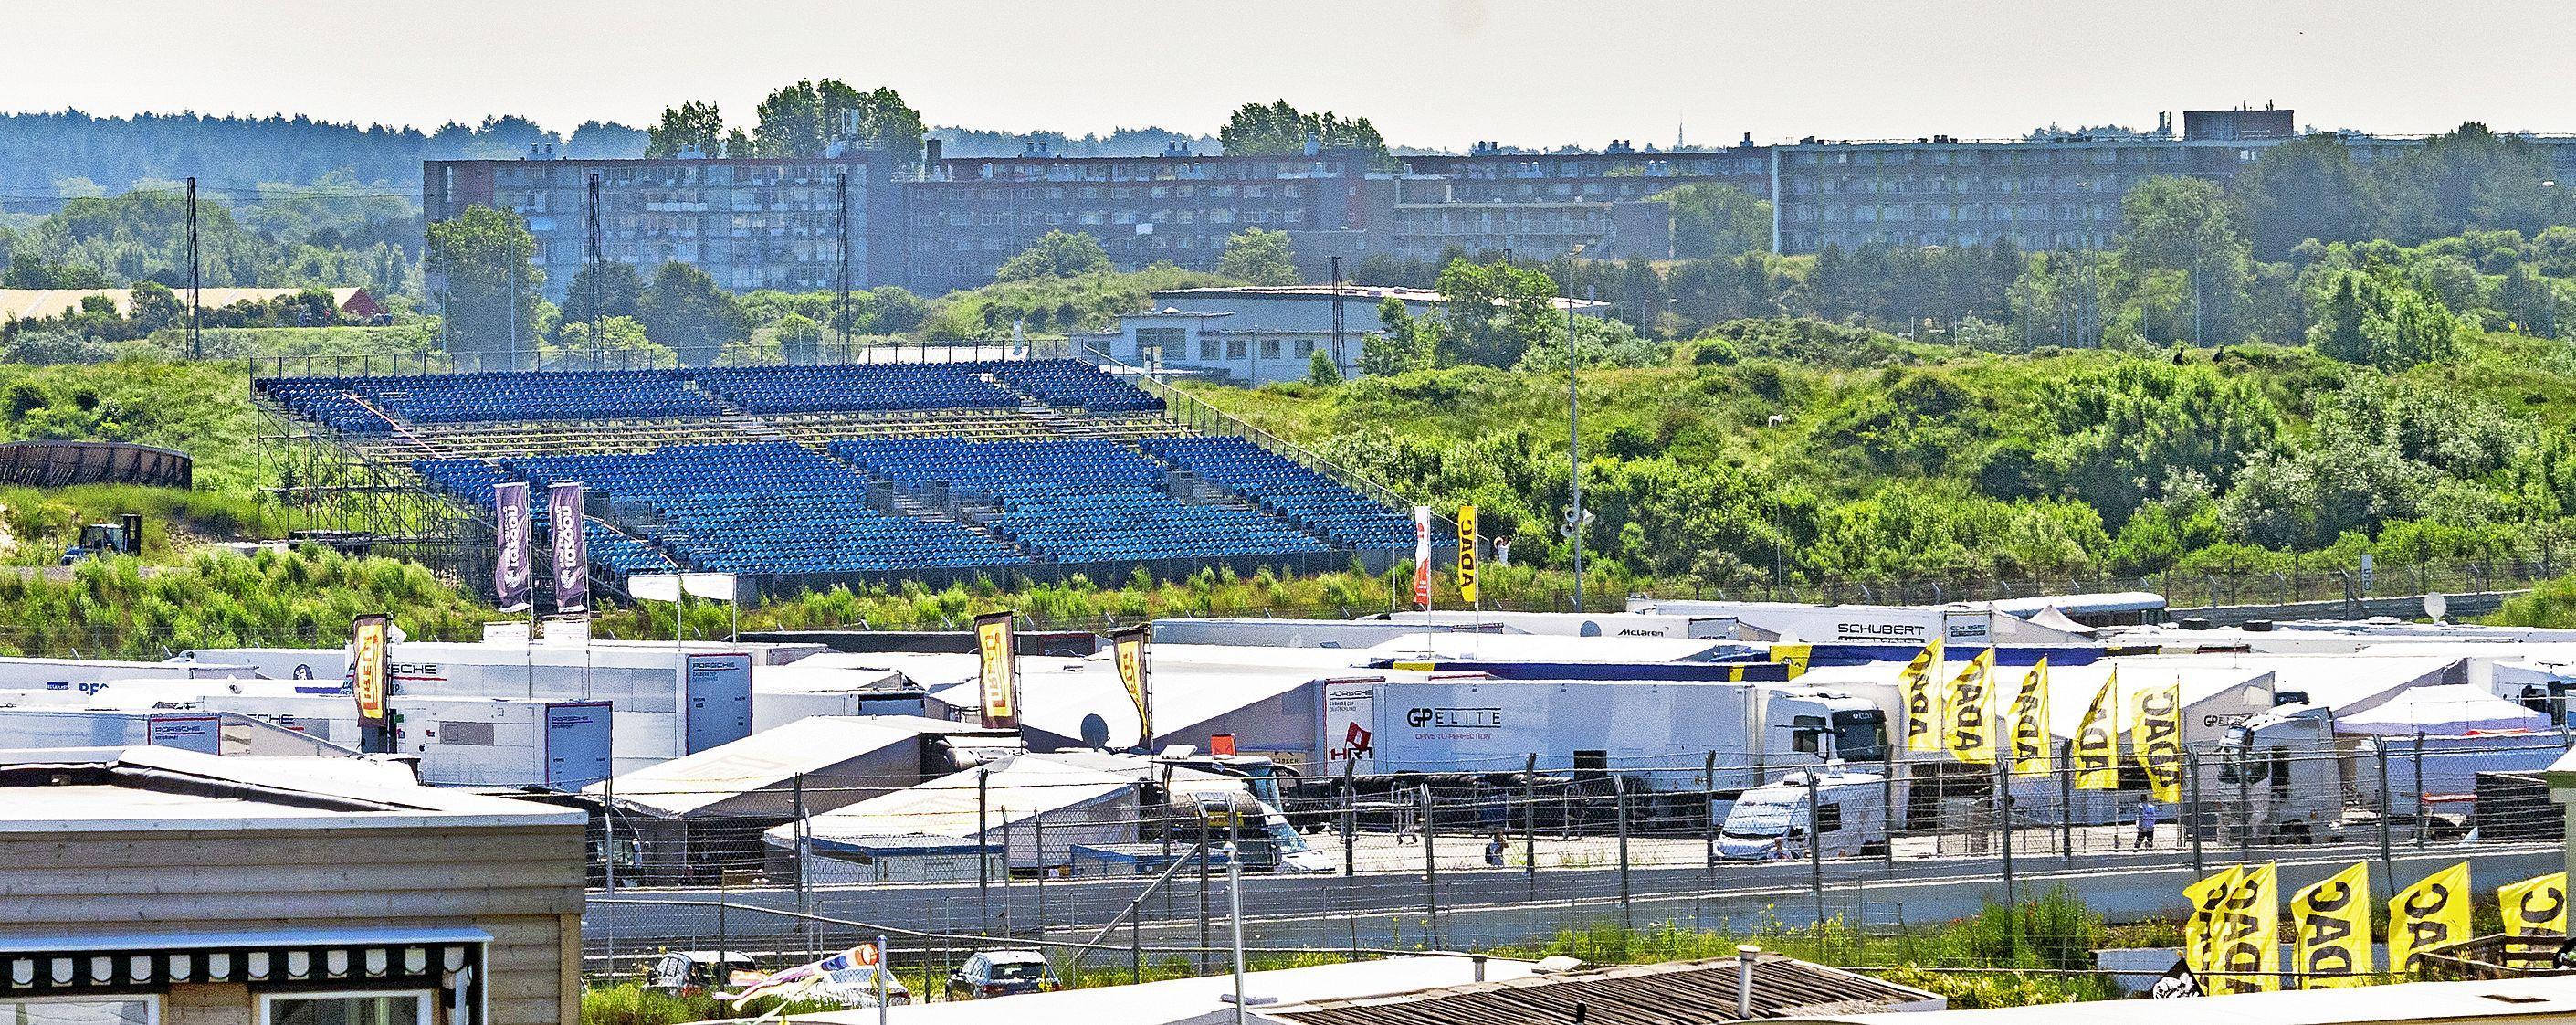 Tweehonderd trailers op het terrein van Buko in Beverwijk, kraanwagens en medewerkers moeten toezien dat de verkeersstromen goed lopen tijdens Grand Prix